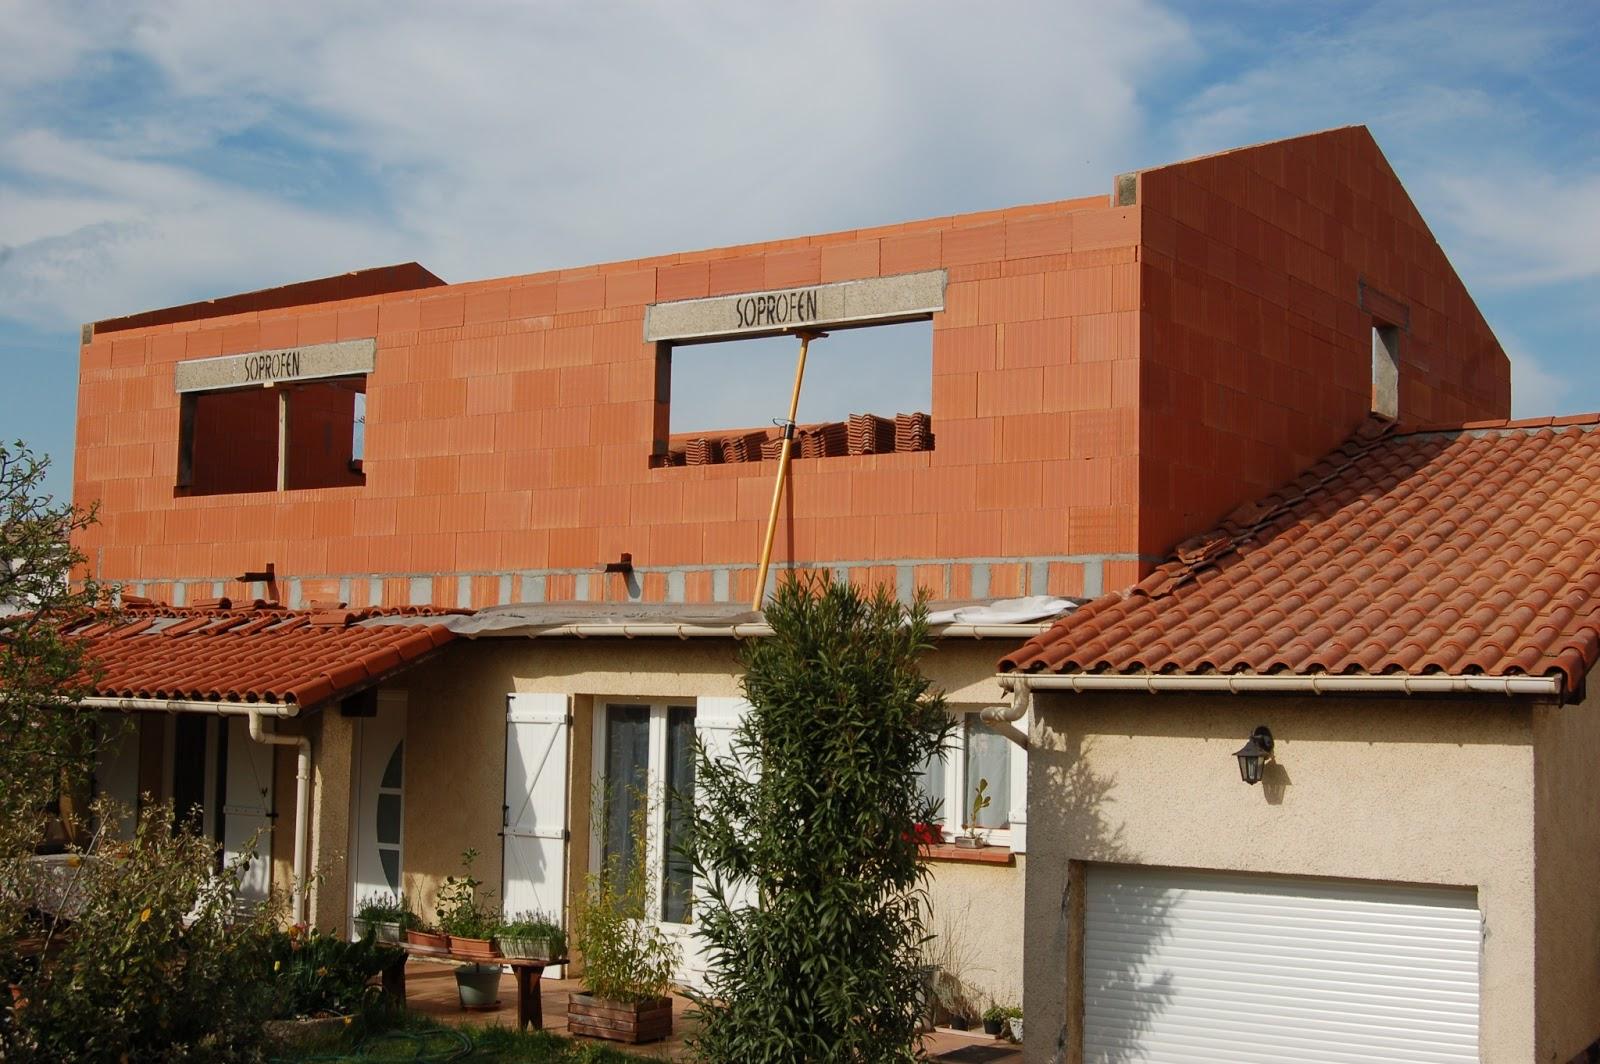 Agrandissement d 39 une maison par le haut 14 me jour for Agrandissement maison 42